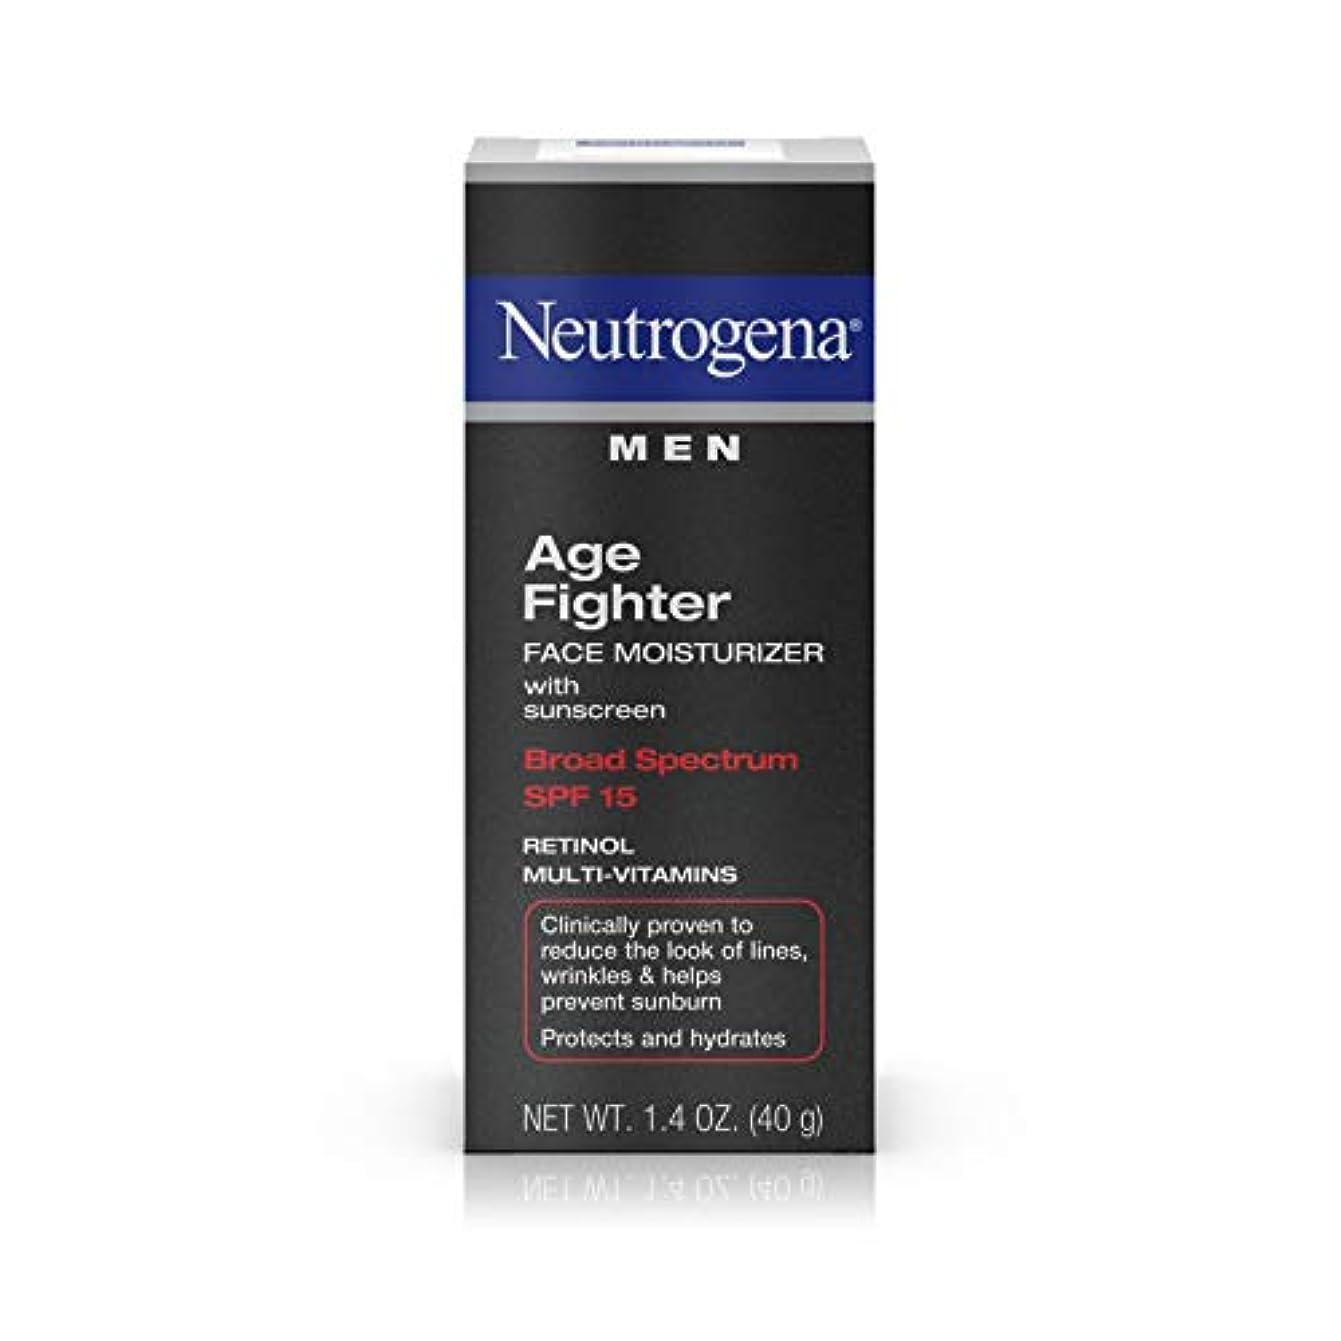 ブレース資本主義禁止Neutrogena Men Age Fighter Face Moisturizer with sunscreen SPF 15 1.4oz.(40g) 男性用ニュートロジーナ メン エイジ ファイター フェイス モイスチャライザー